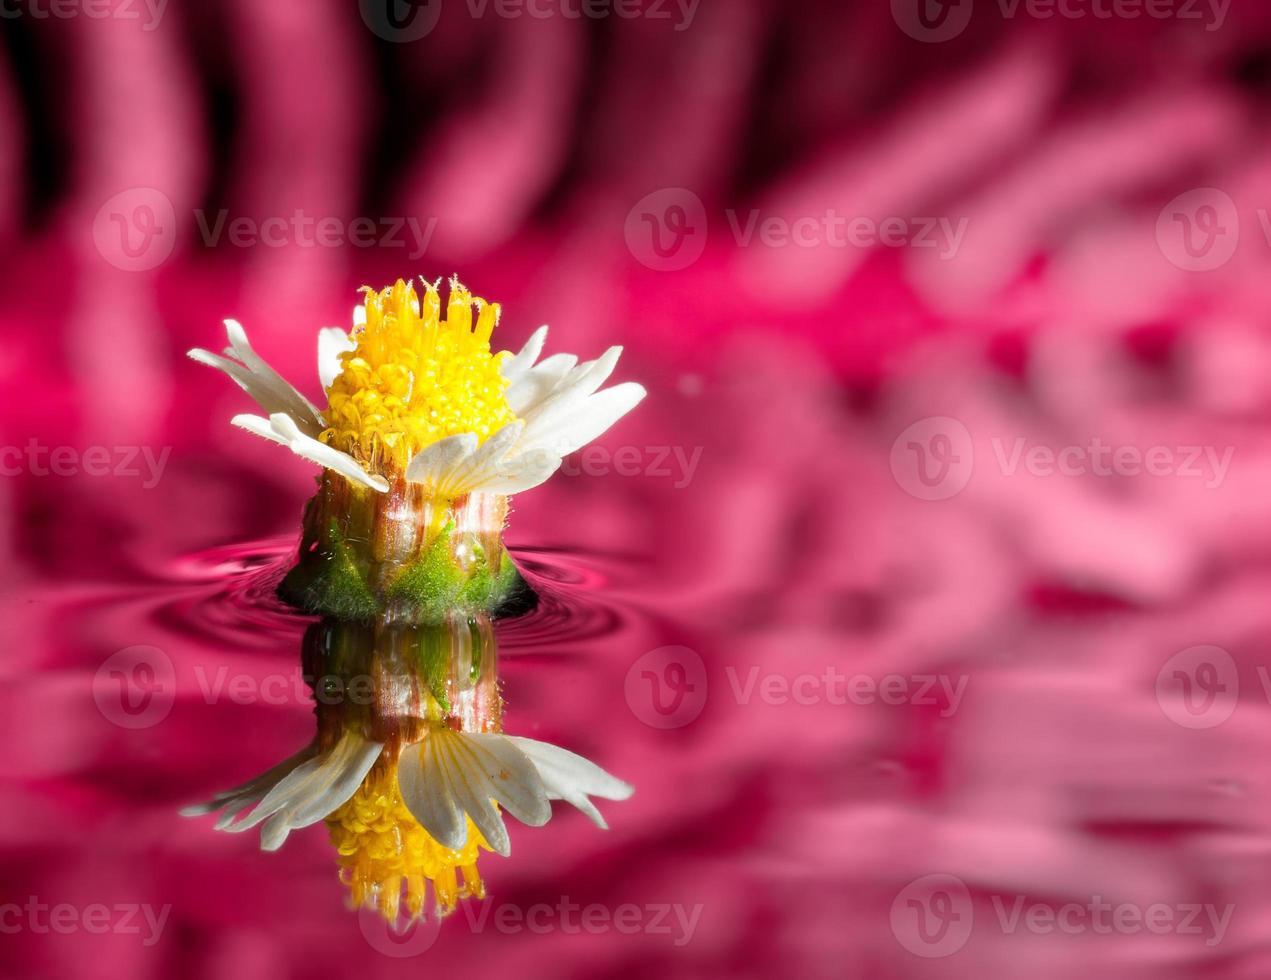 fiore bianco che riflette nell'acqua foto